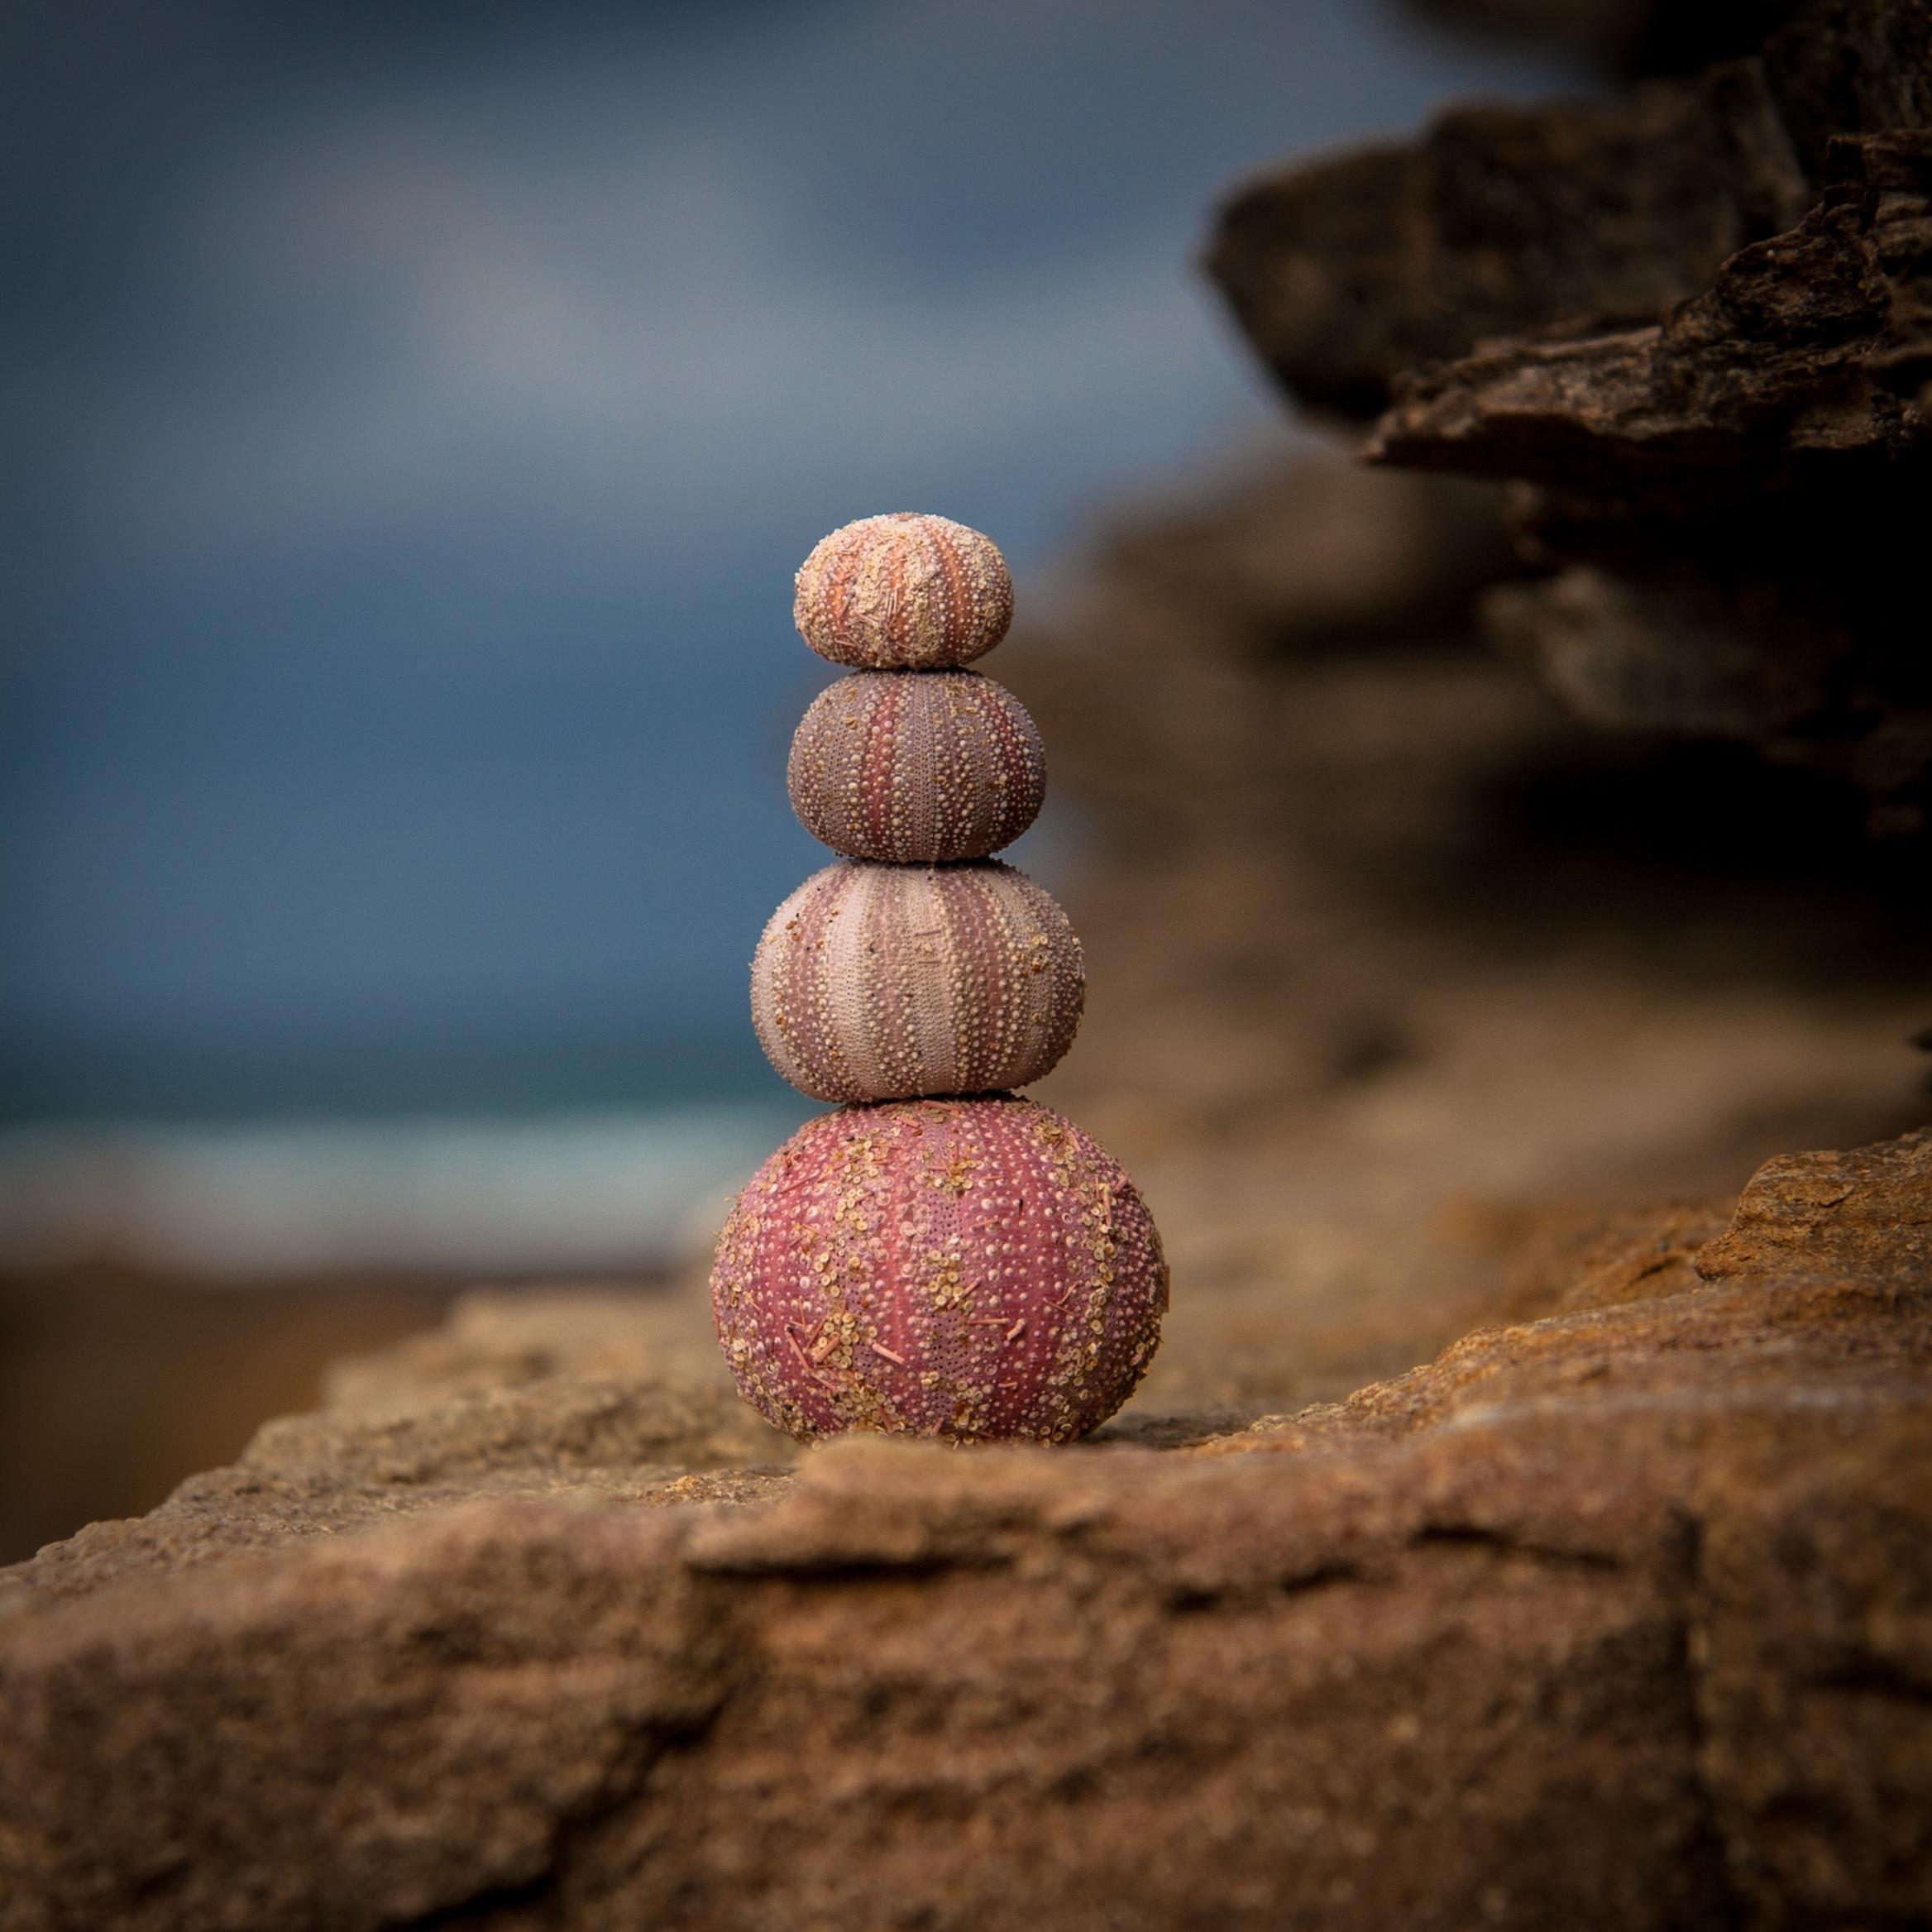 Yuan Qigong Mindfulness Course: Tuesday